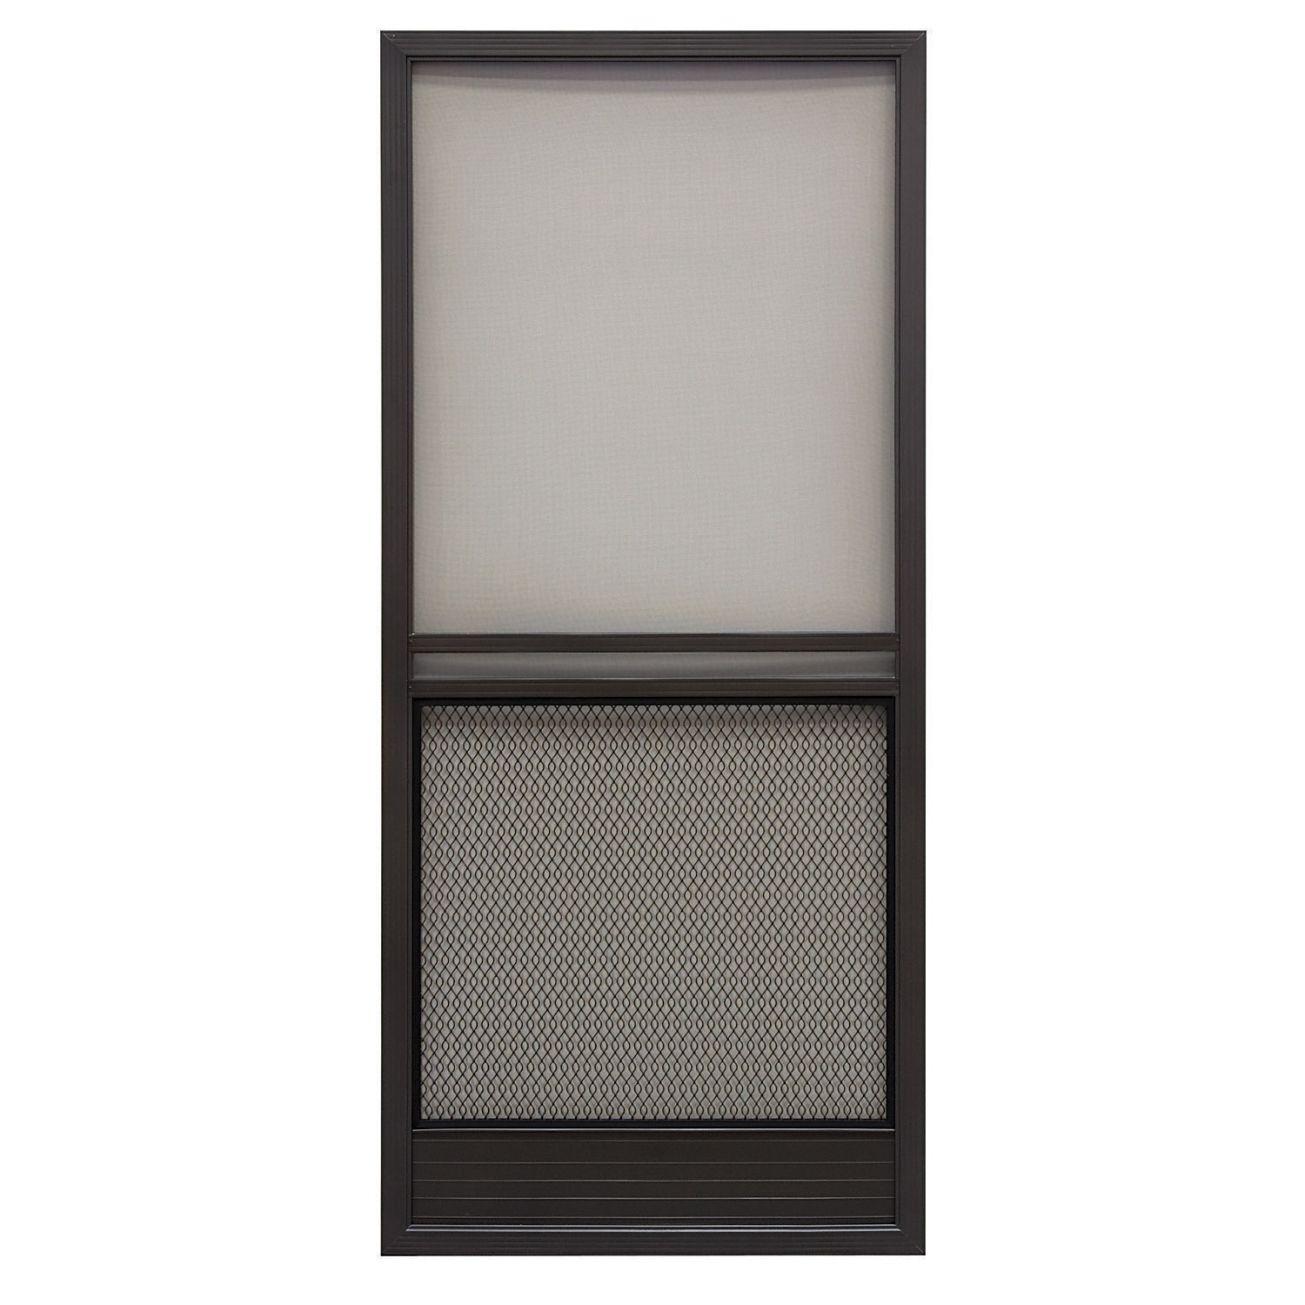 Superior Products Corp® Capri Series Formed Aluminum Screen Door in Bronze - Ace Hardware  sc 1 st  Pinterest & Superior Capri 36in Reversible Aluminum Screen Door in Bronze ... pezcame.com